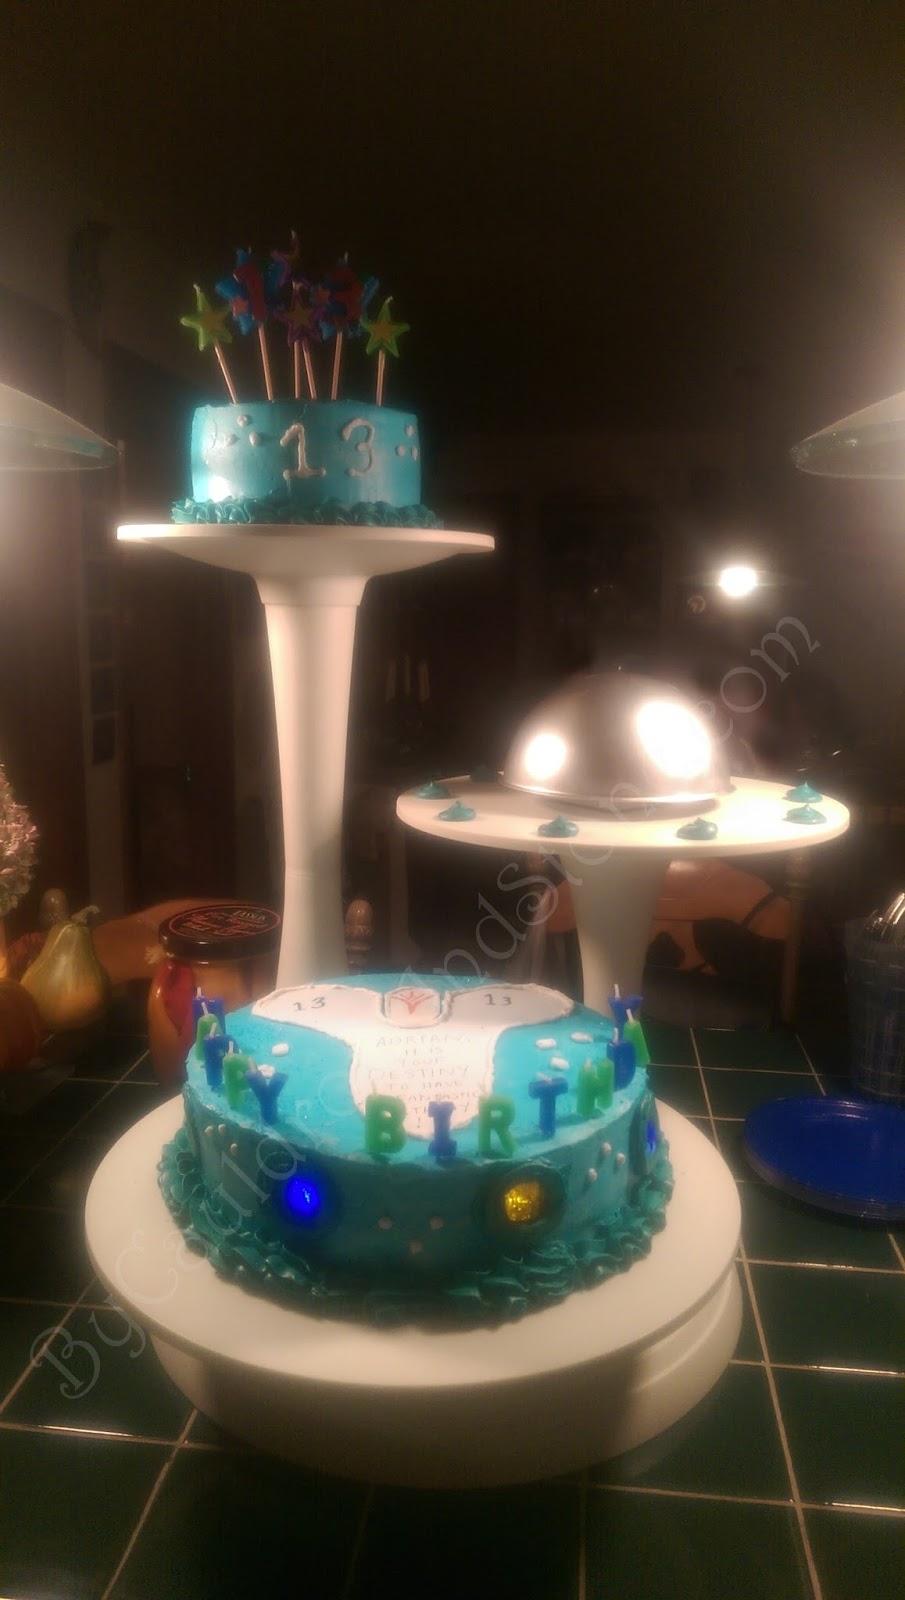 By Cauldron Stone Destiny Birthday Cake The Taken King with